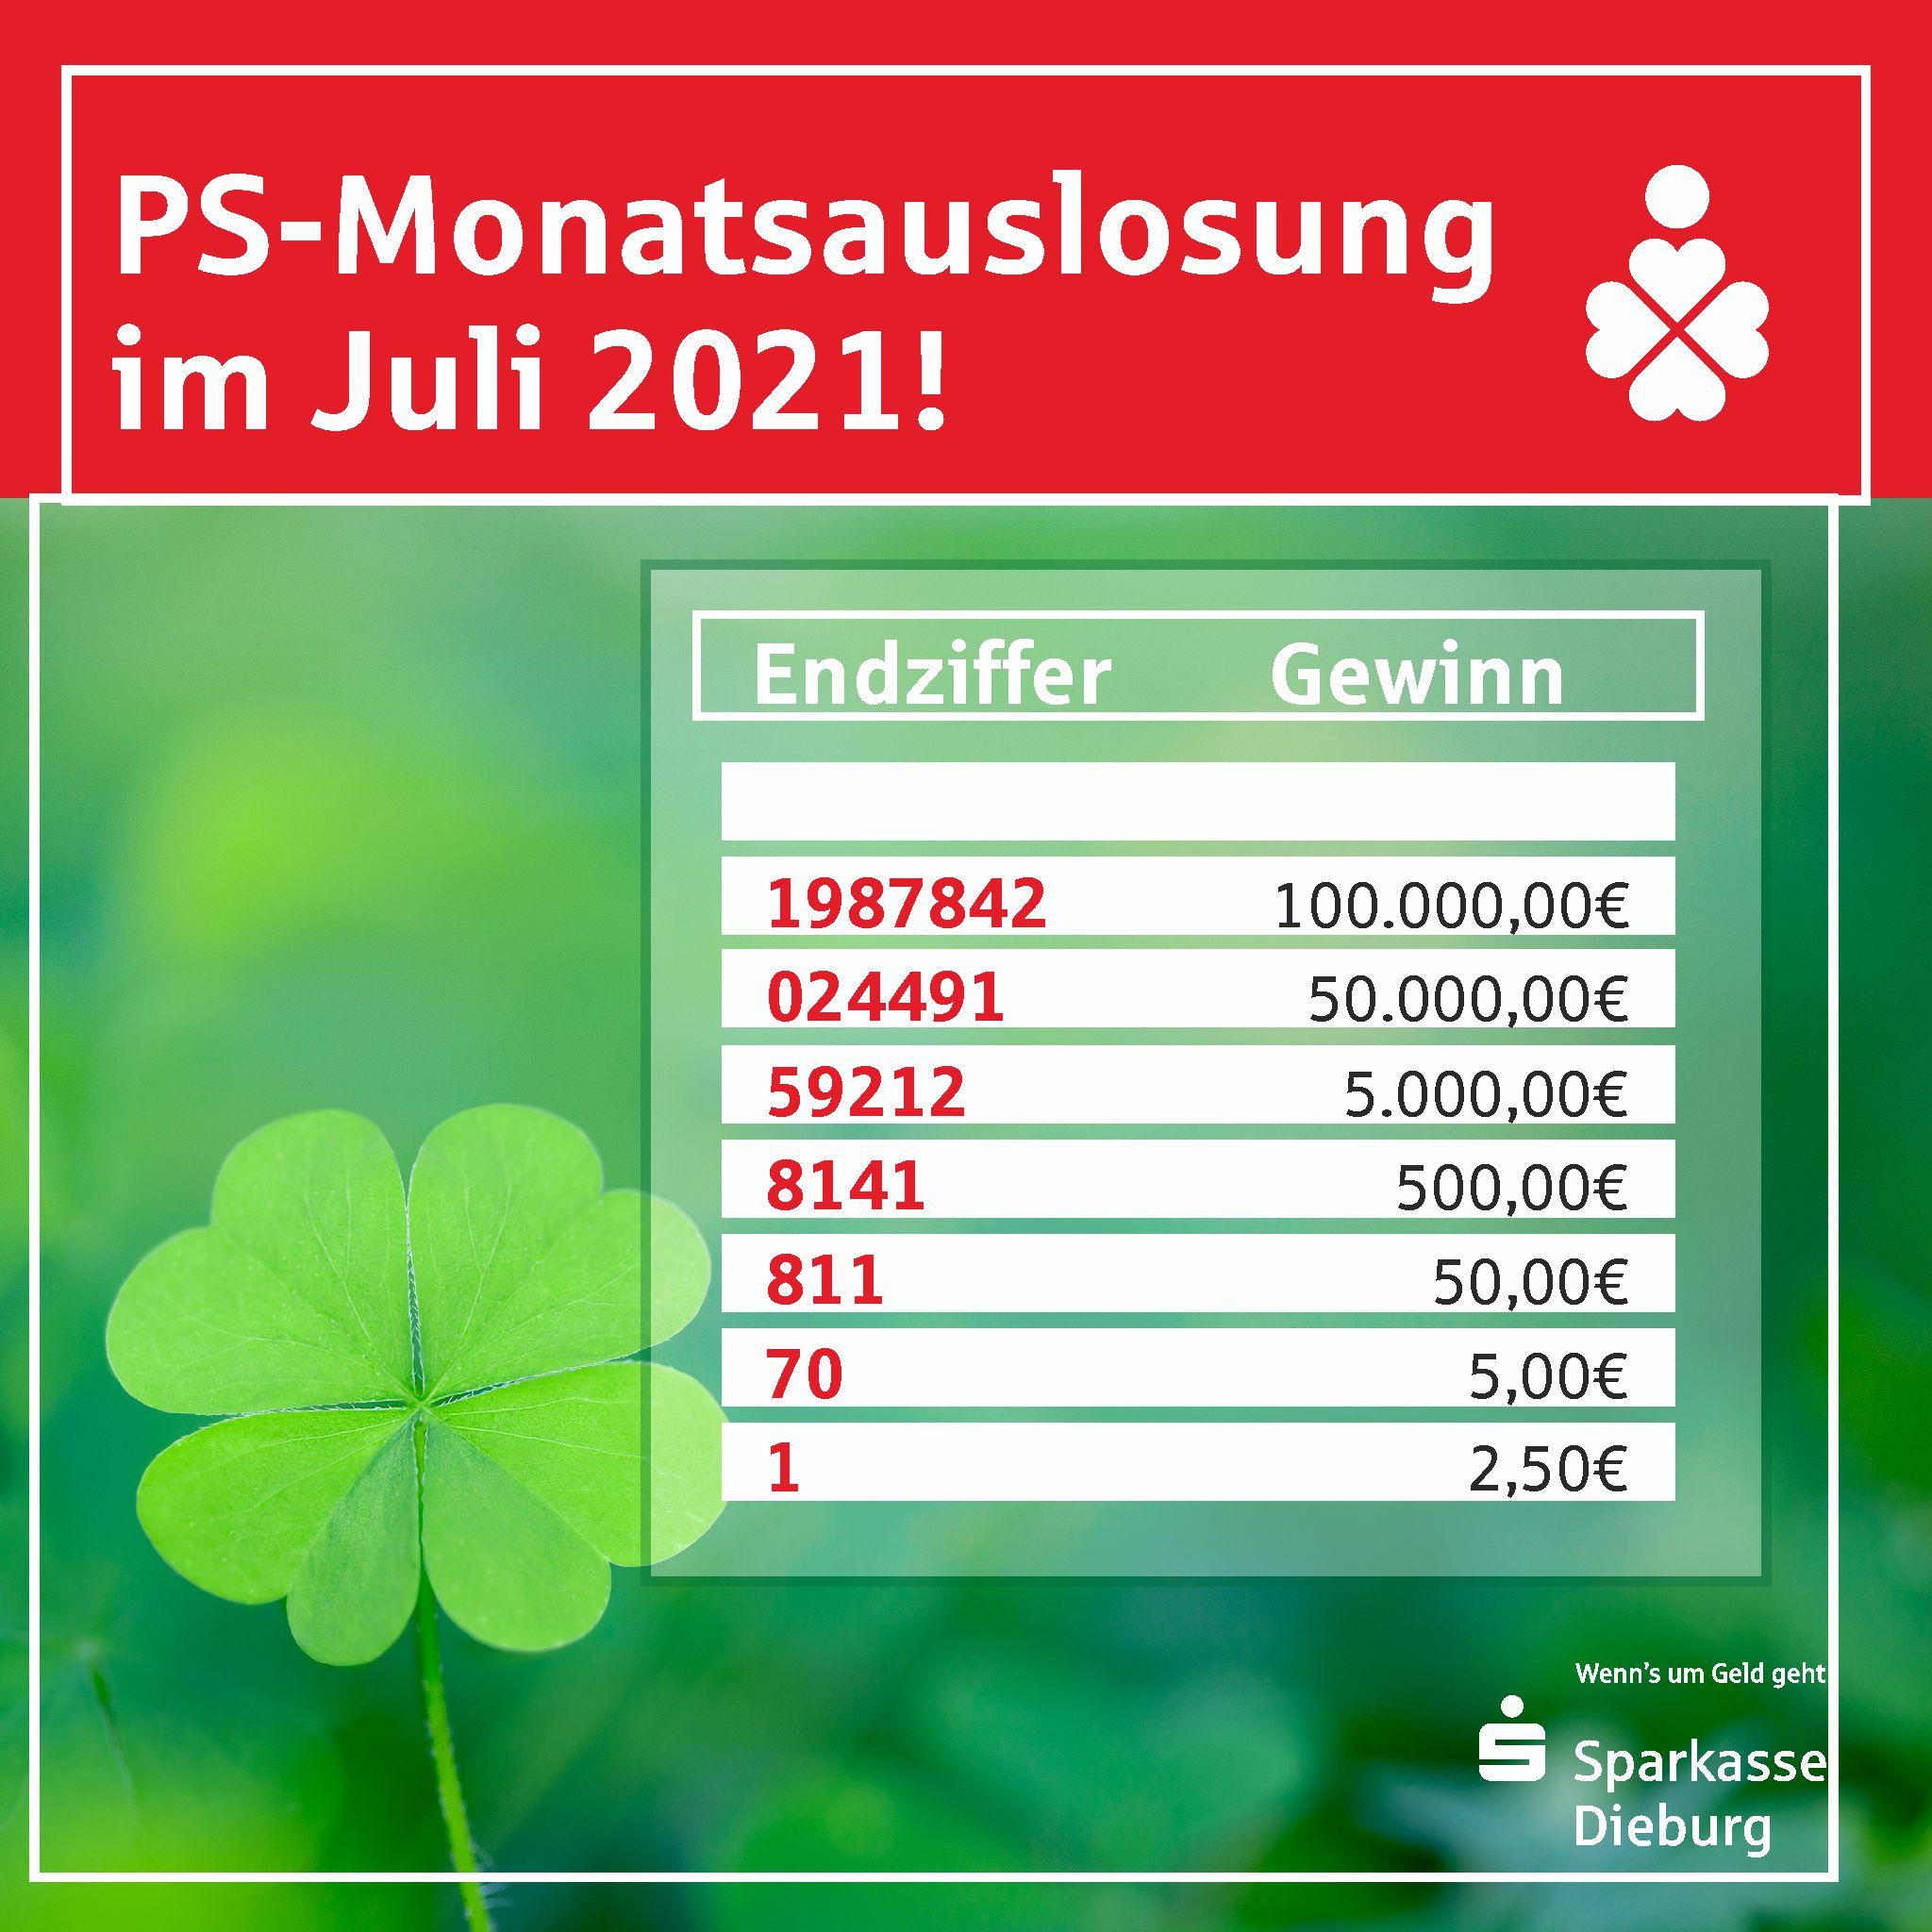 PS-Monatsauslosung im Juli – die Gewinnzahlen!